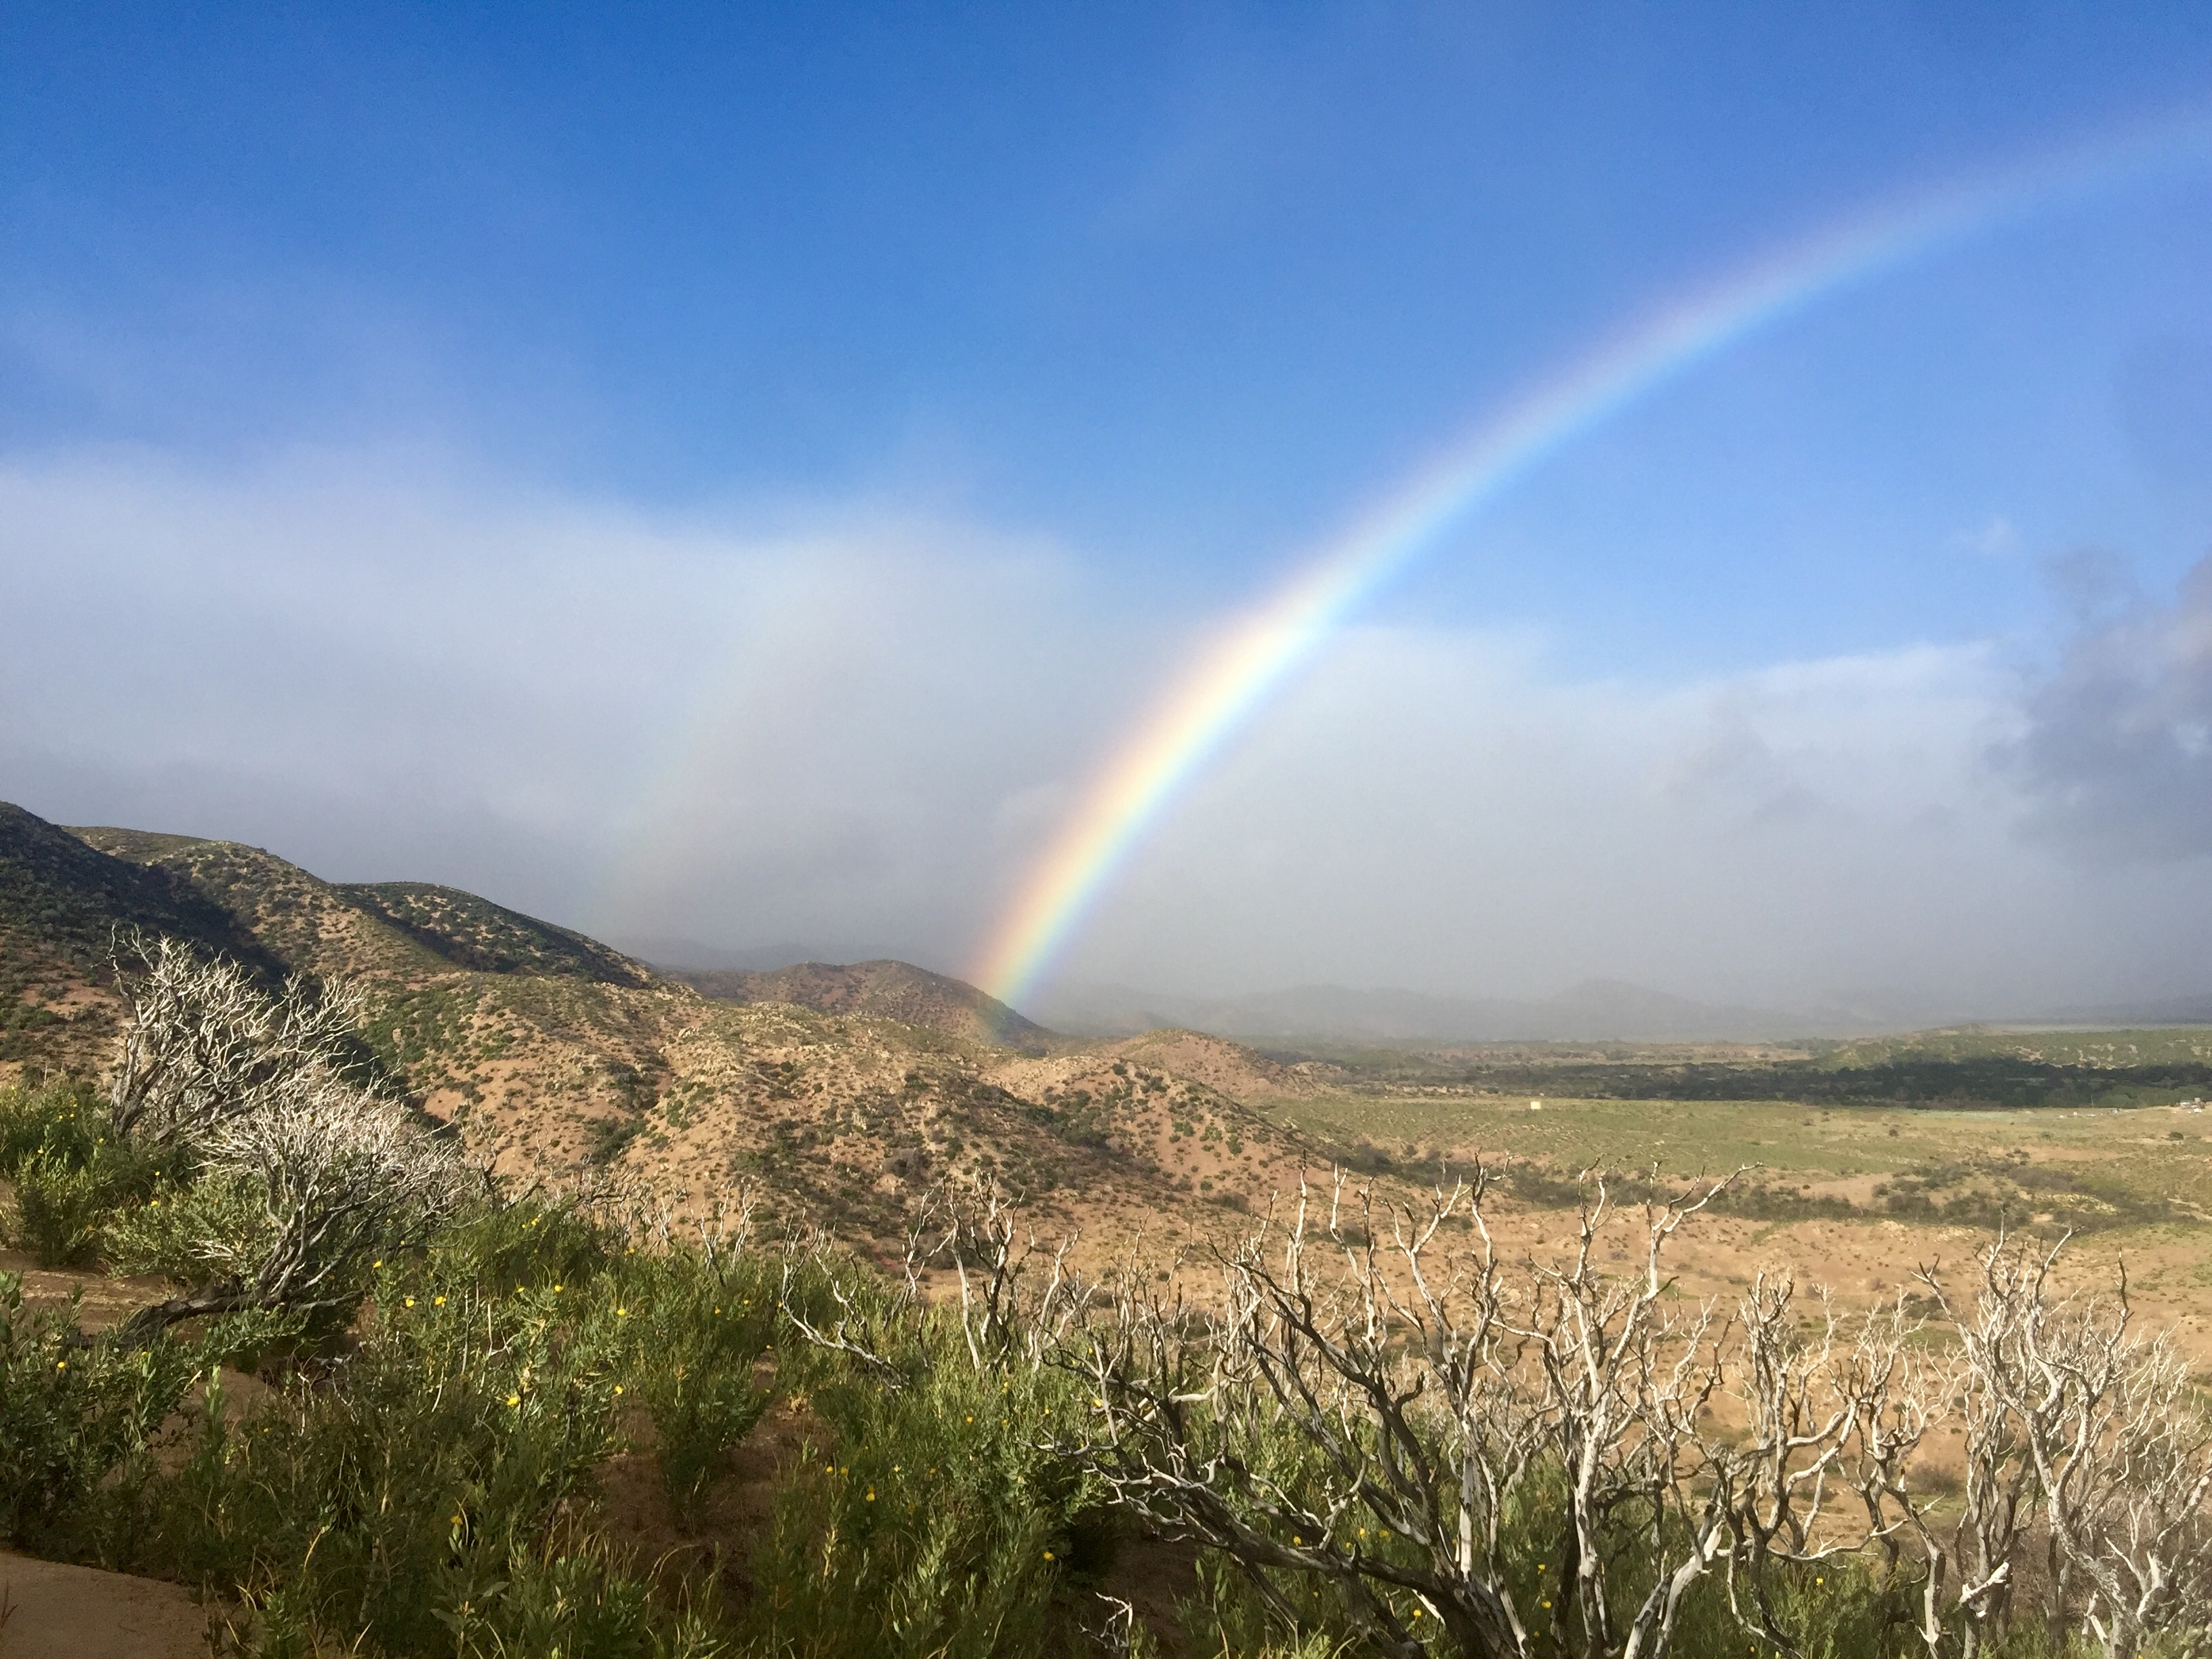 Chasing Rainbows - The Trek